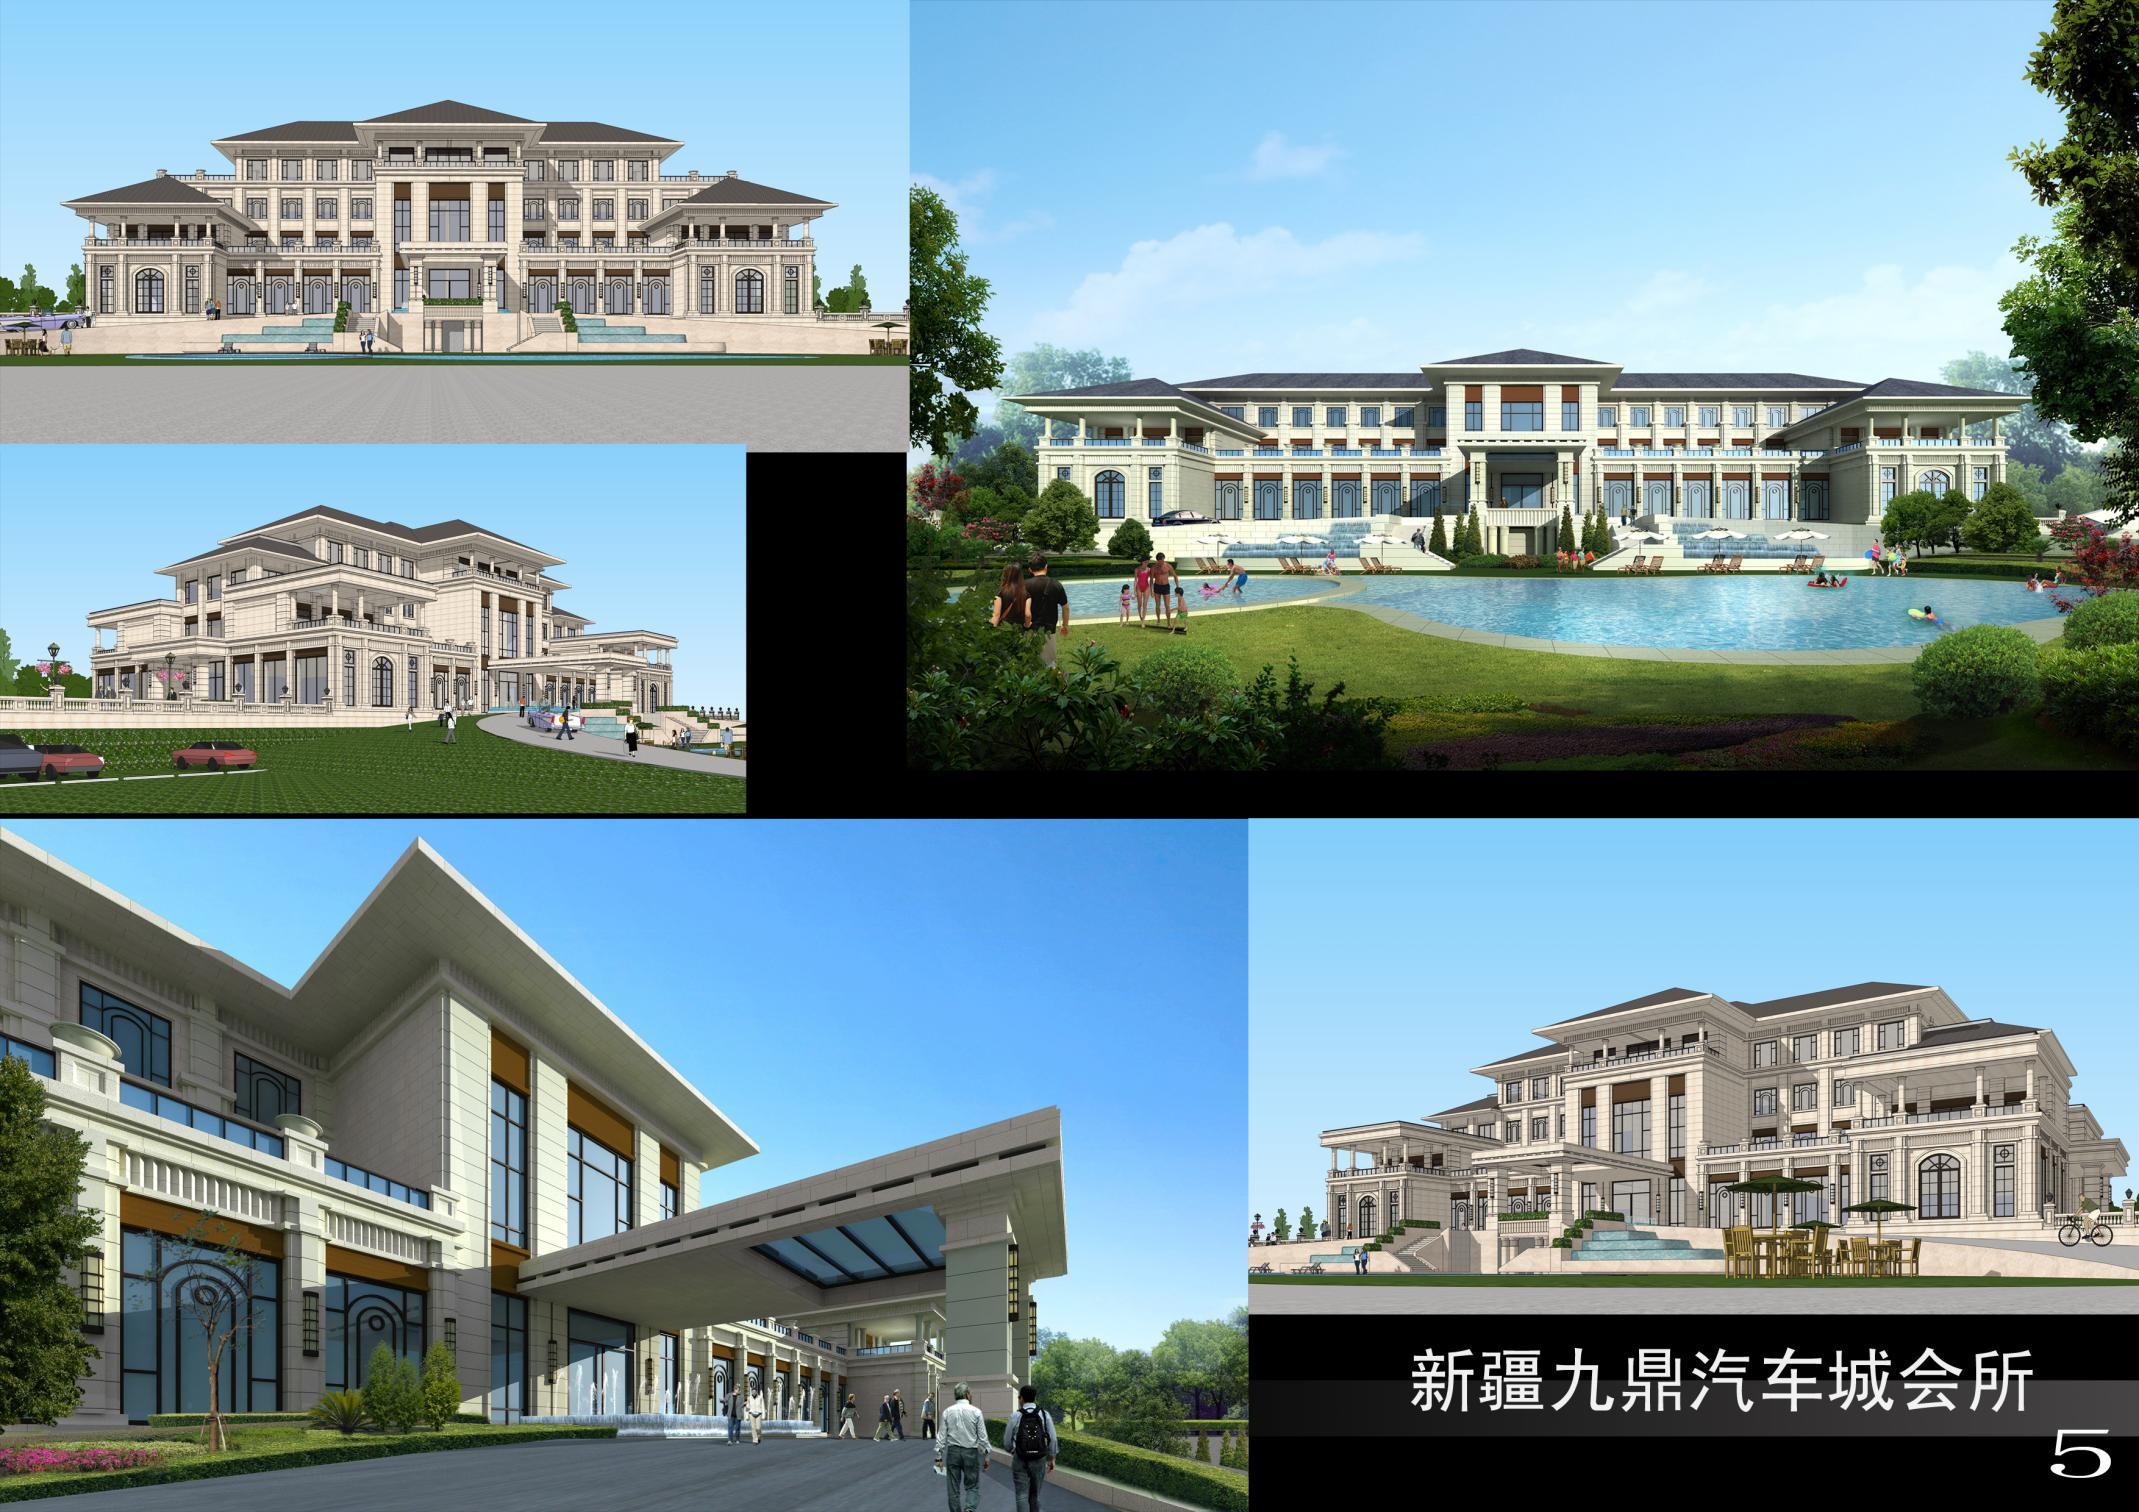 新疆乌鲁木齐会所_w.q.n建筑工作室案例展示_一品威客